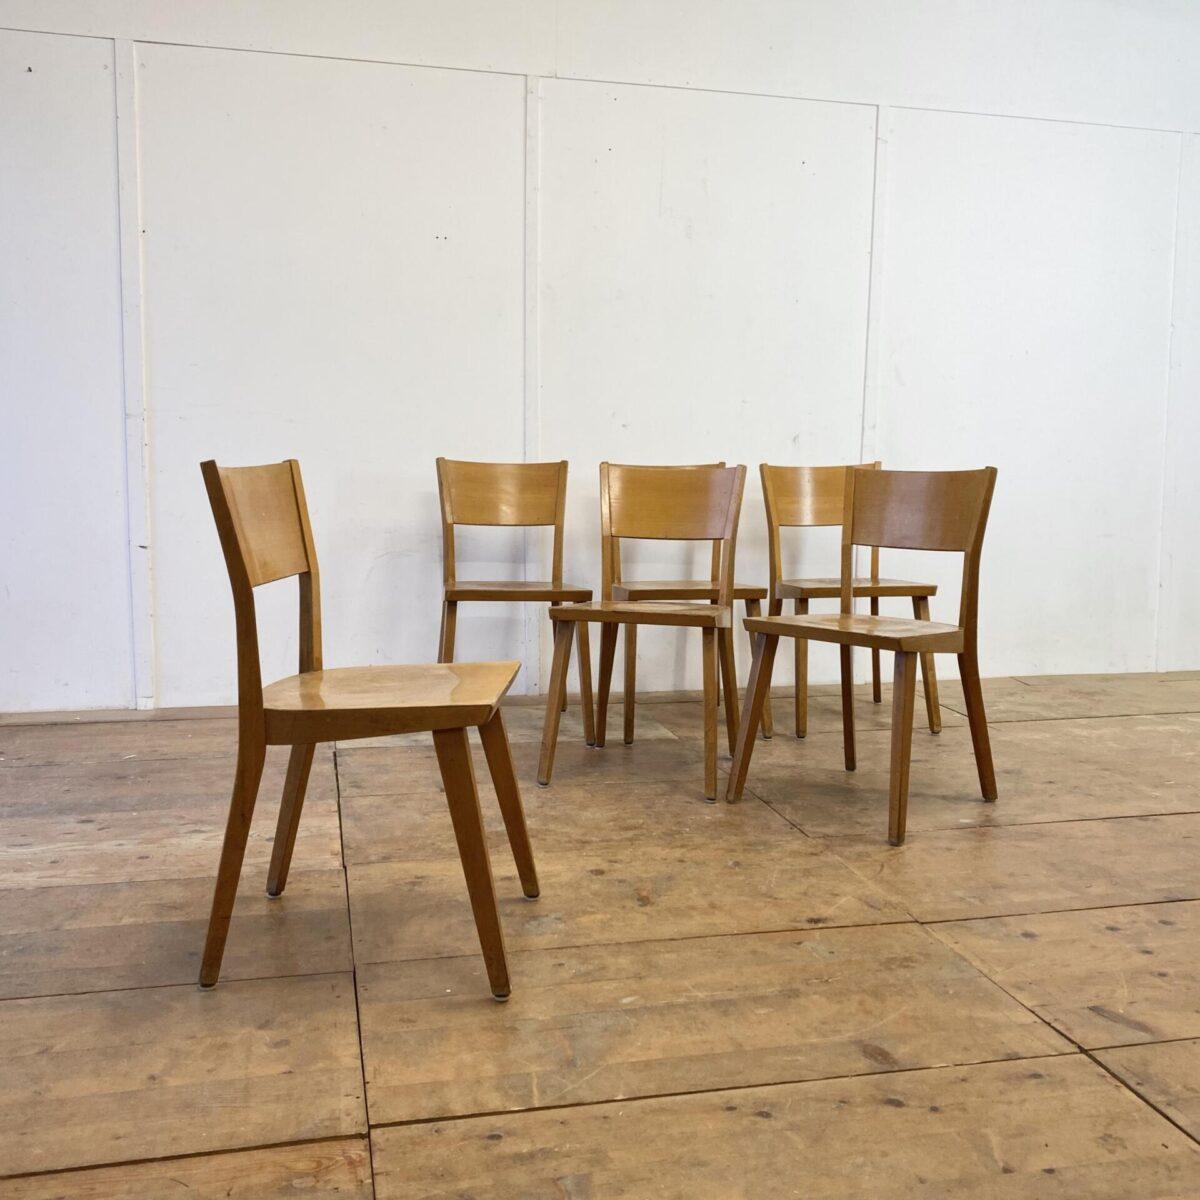 Deuxieme.shop 6er Set Beizenstühle. Diese Esszimmer Stühle mit Alterspatina, sind in stabilem guten Vintage Zustand. Mir gefallen die geradlinigen, kantigen Formen.